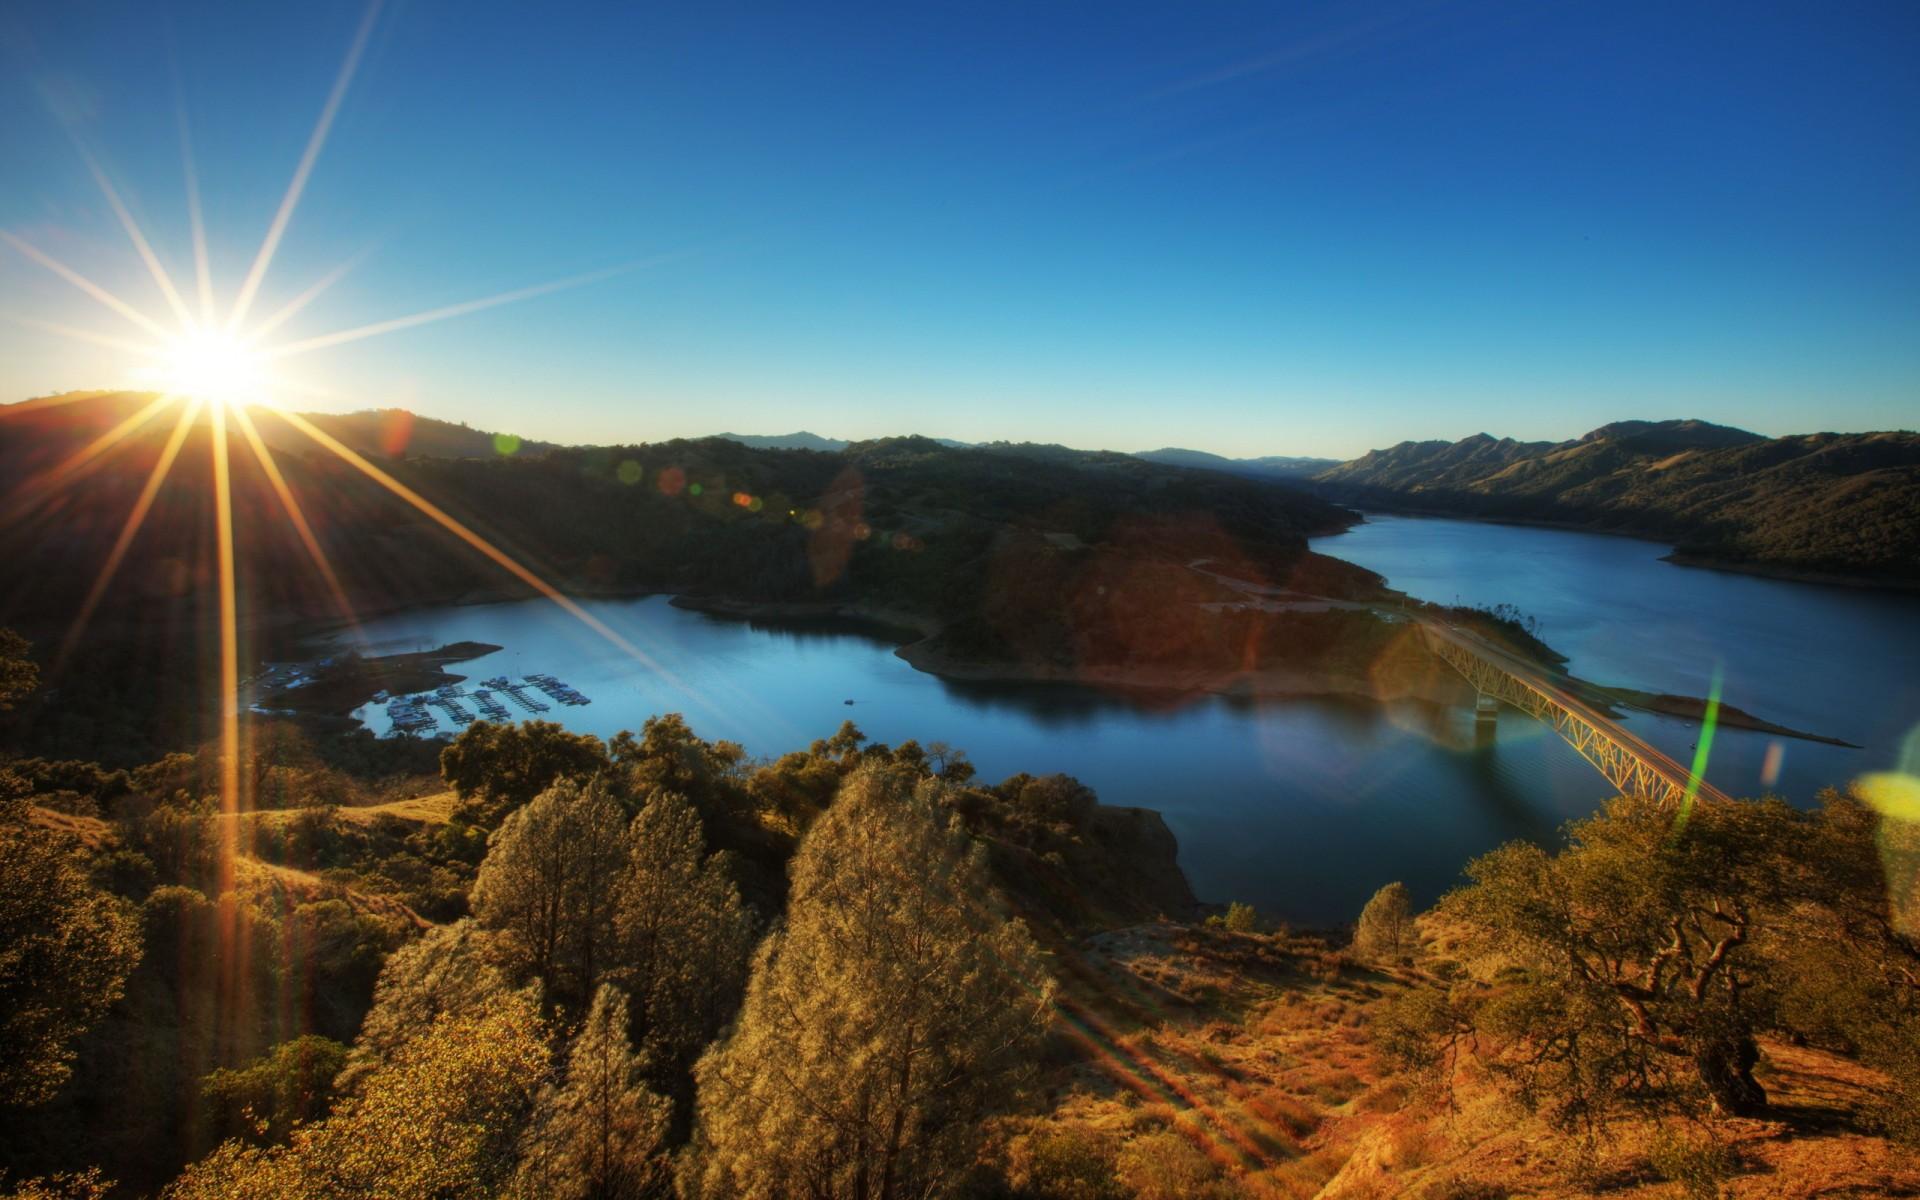 картинку красивый восход солнца на лабе организм